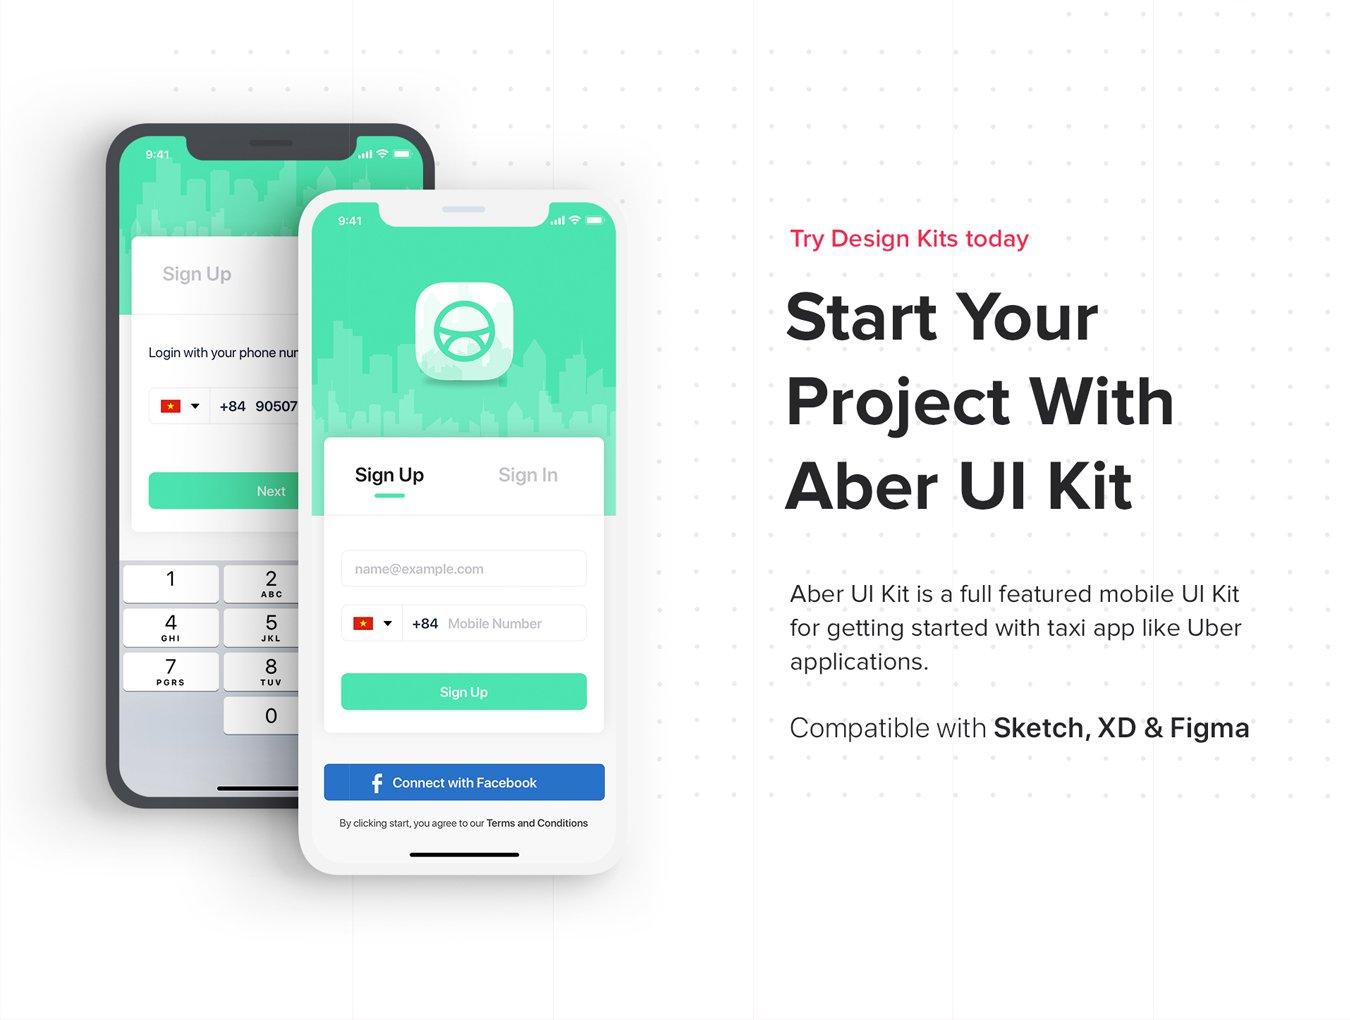 出行类UI工具包归纳Aber UI Kit